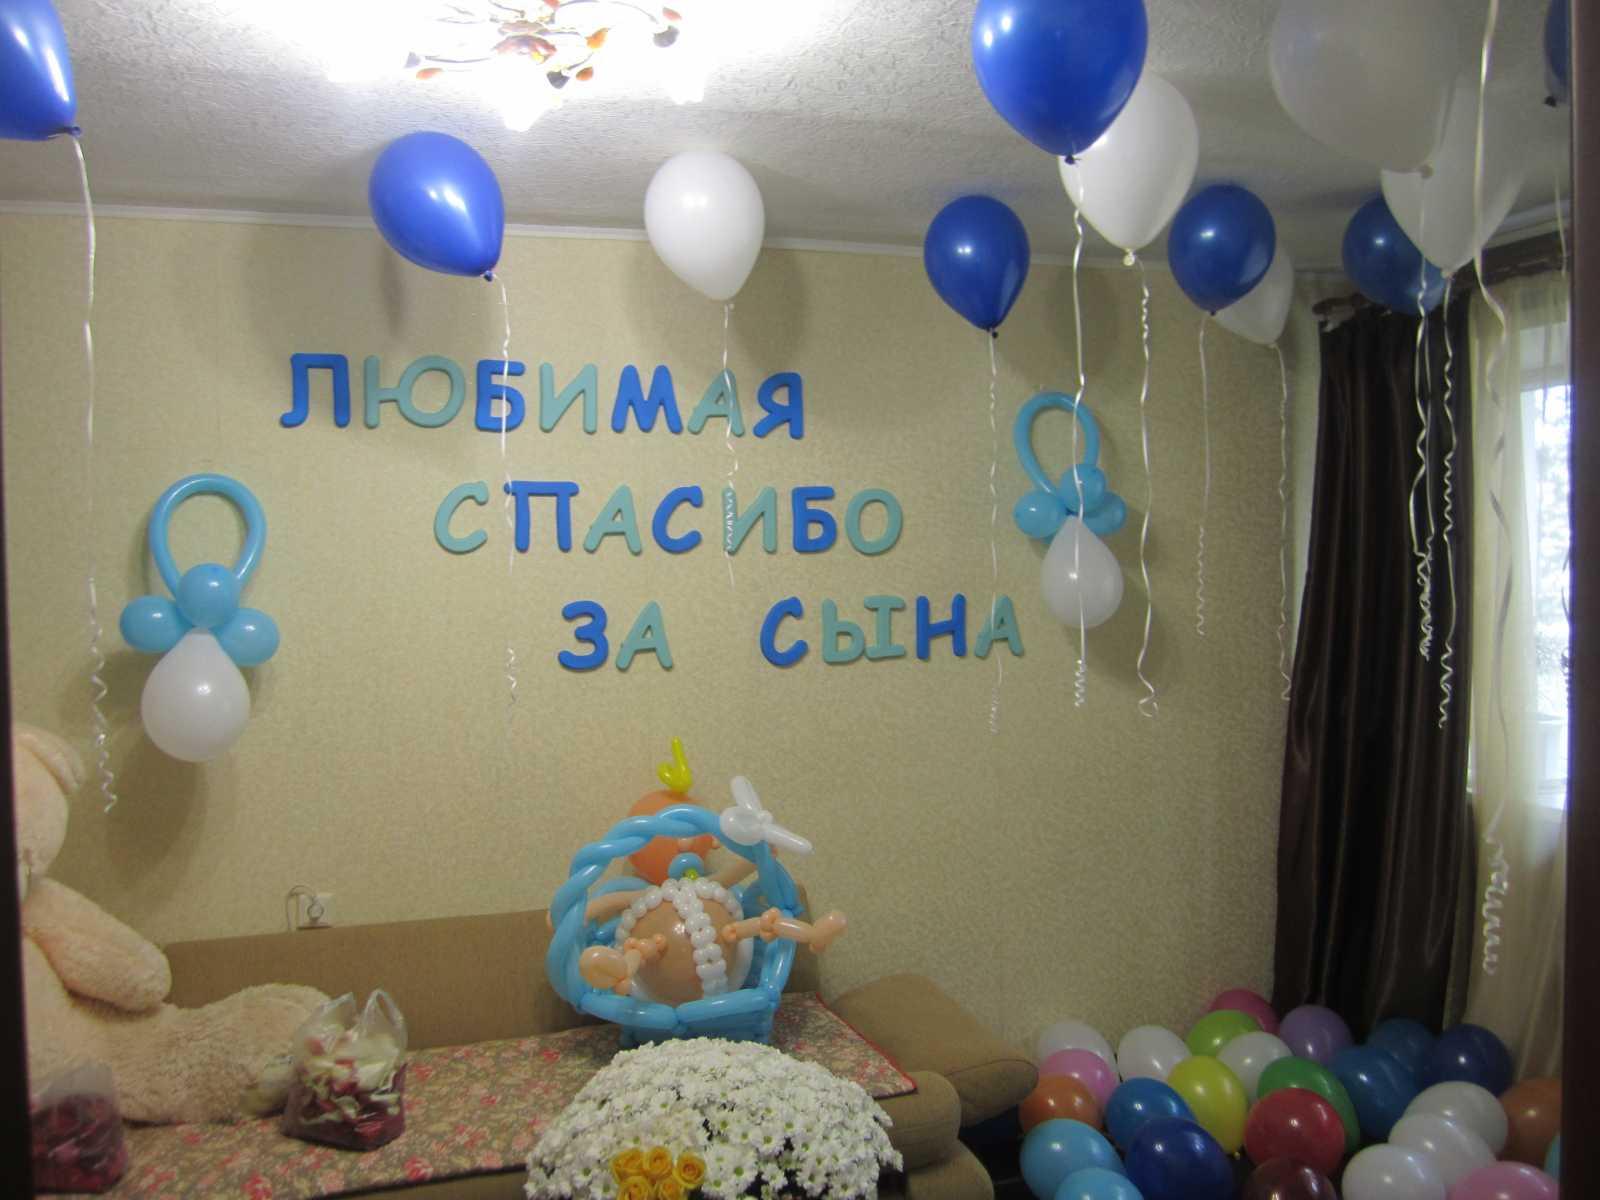 Картинки с поздравлением дня защиты детей